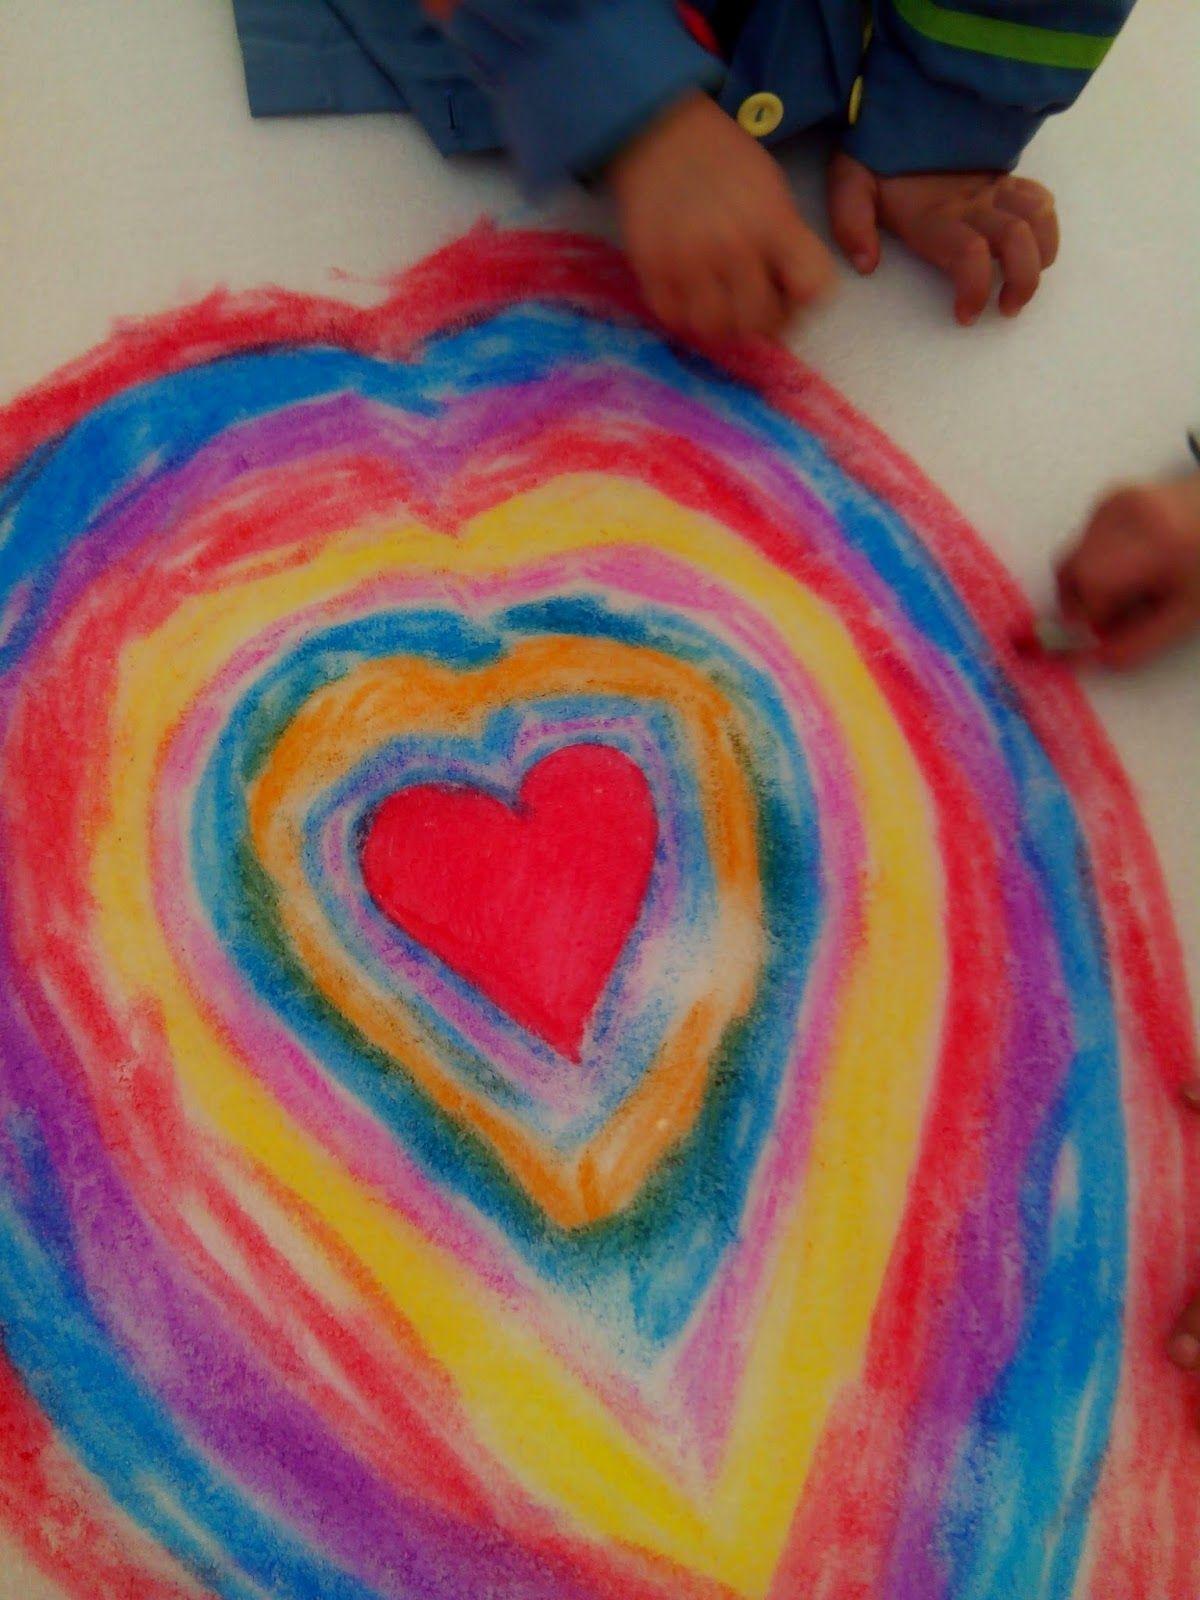 Los besos nacieron para malgastarse: Así es mi corazón